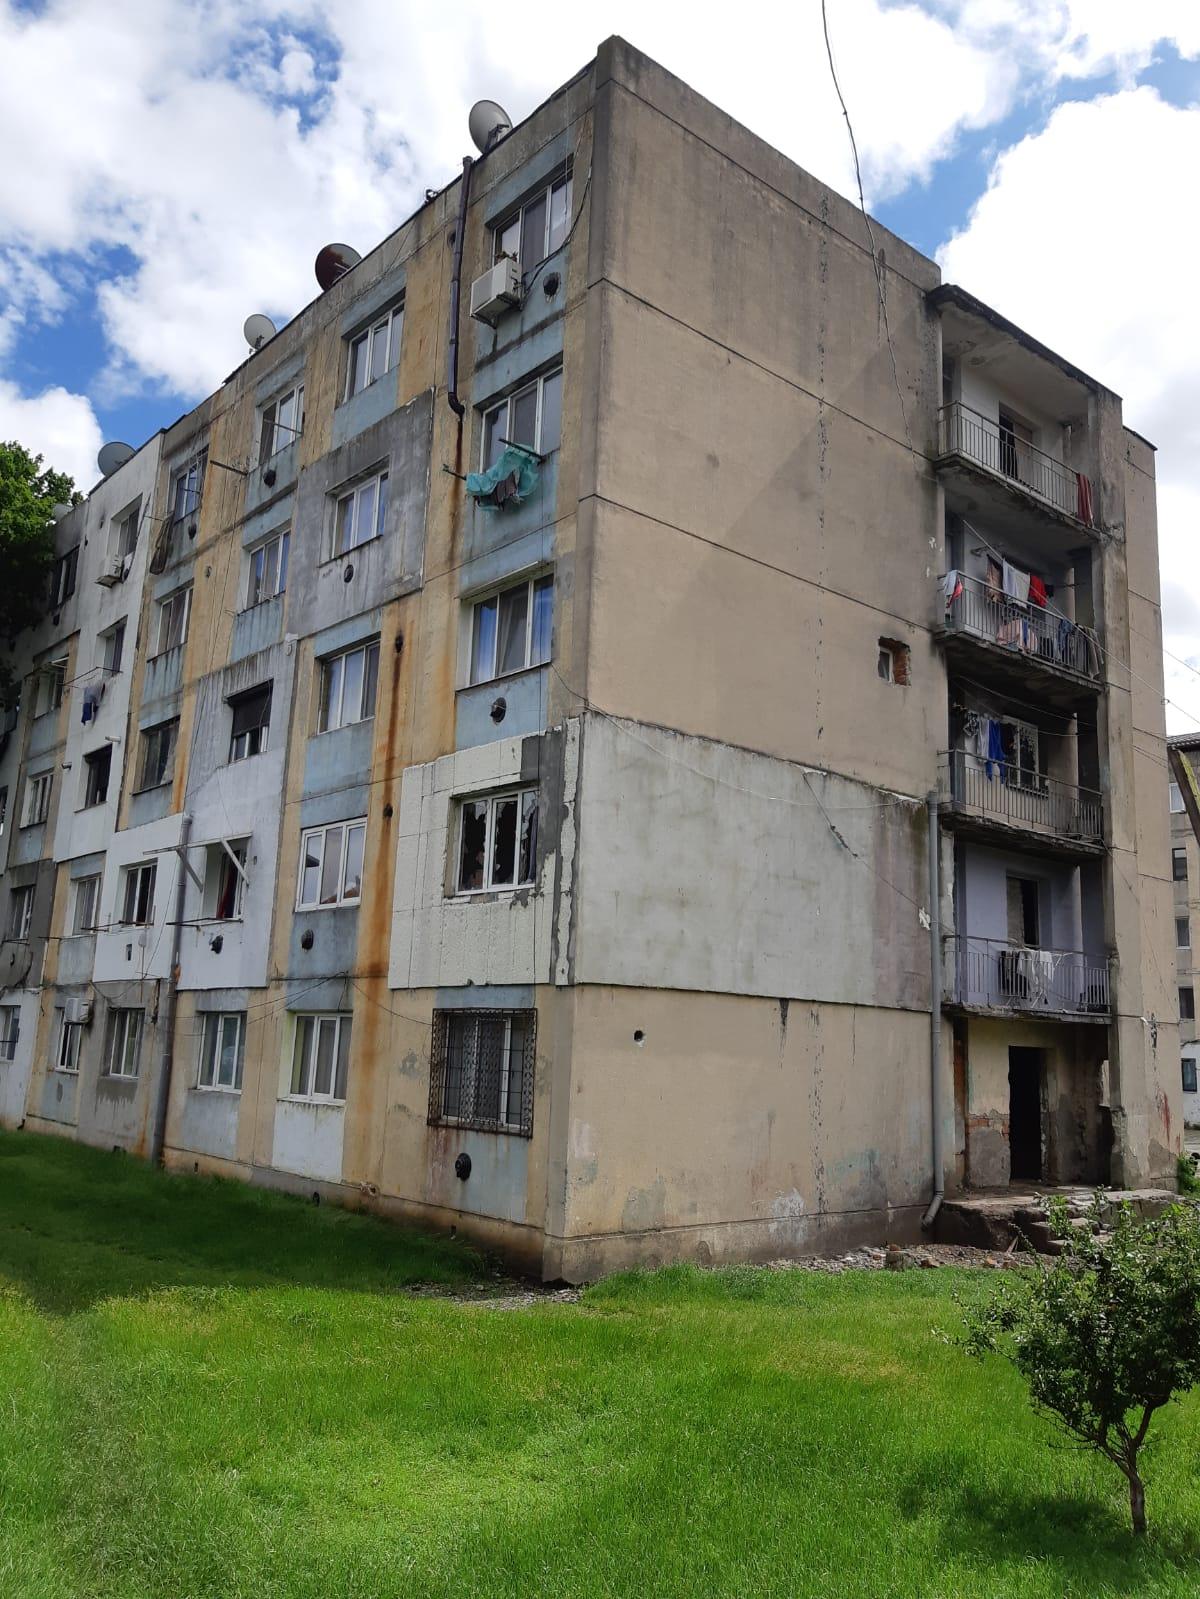 Proiectul privind achiziționarea de locuințe sociale la Florești, respins de PSD și Asociația Partida Romilor Pro Europa. Edilul șef, Simona David, susține necesitatea cumpărării acestor camere